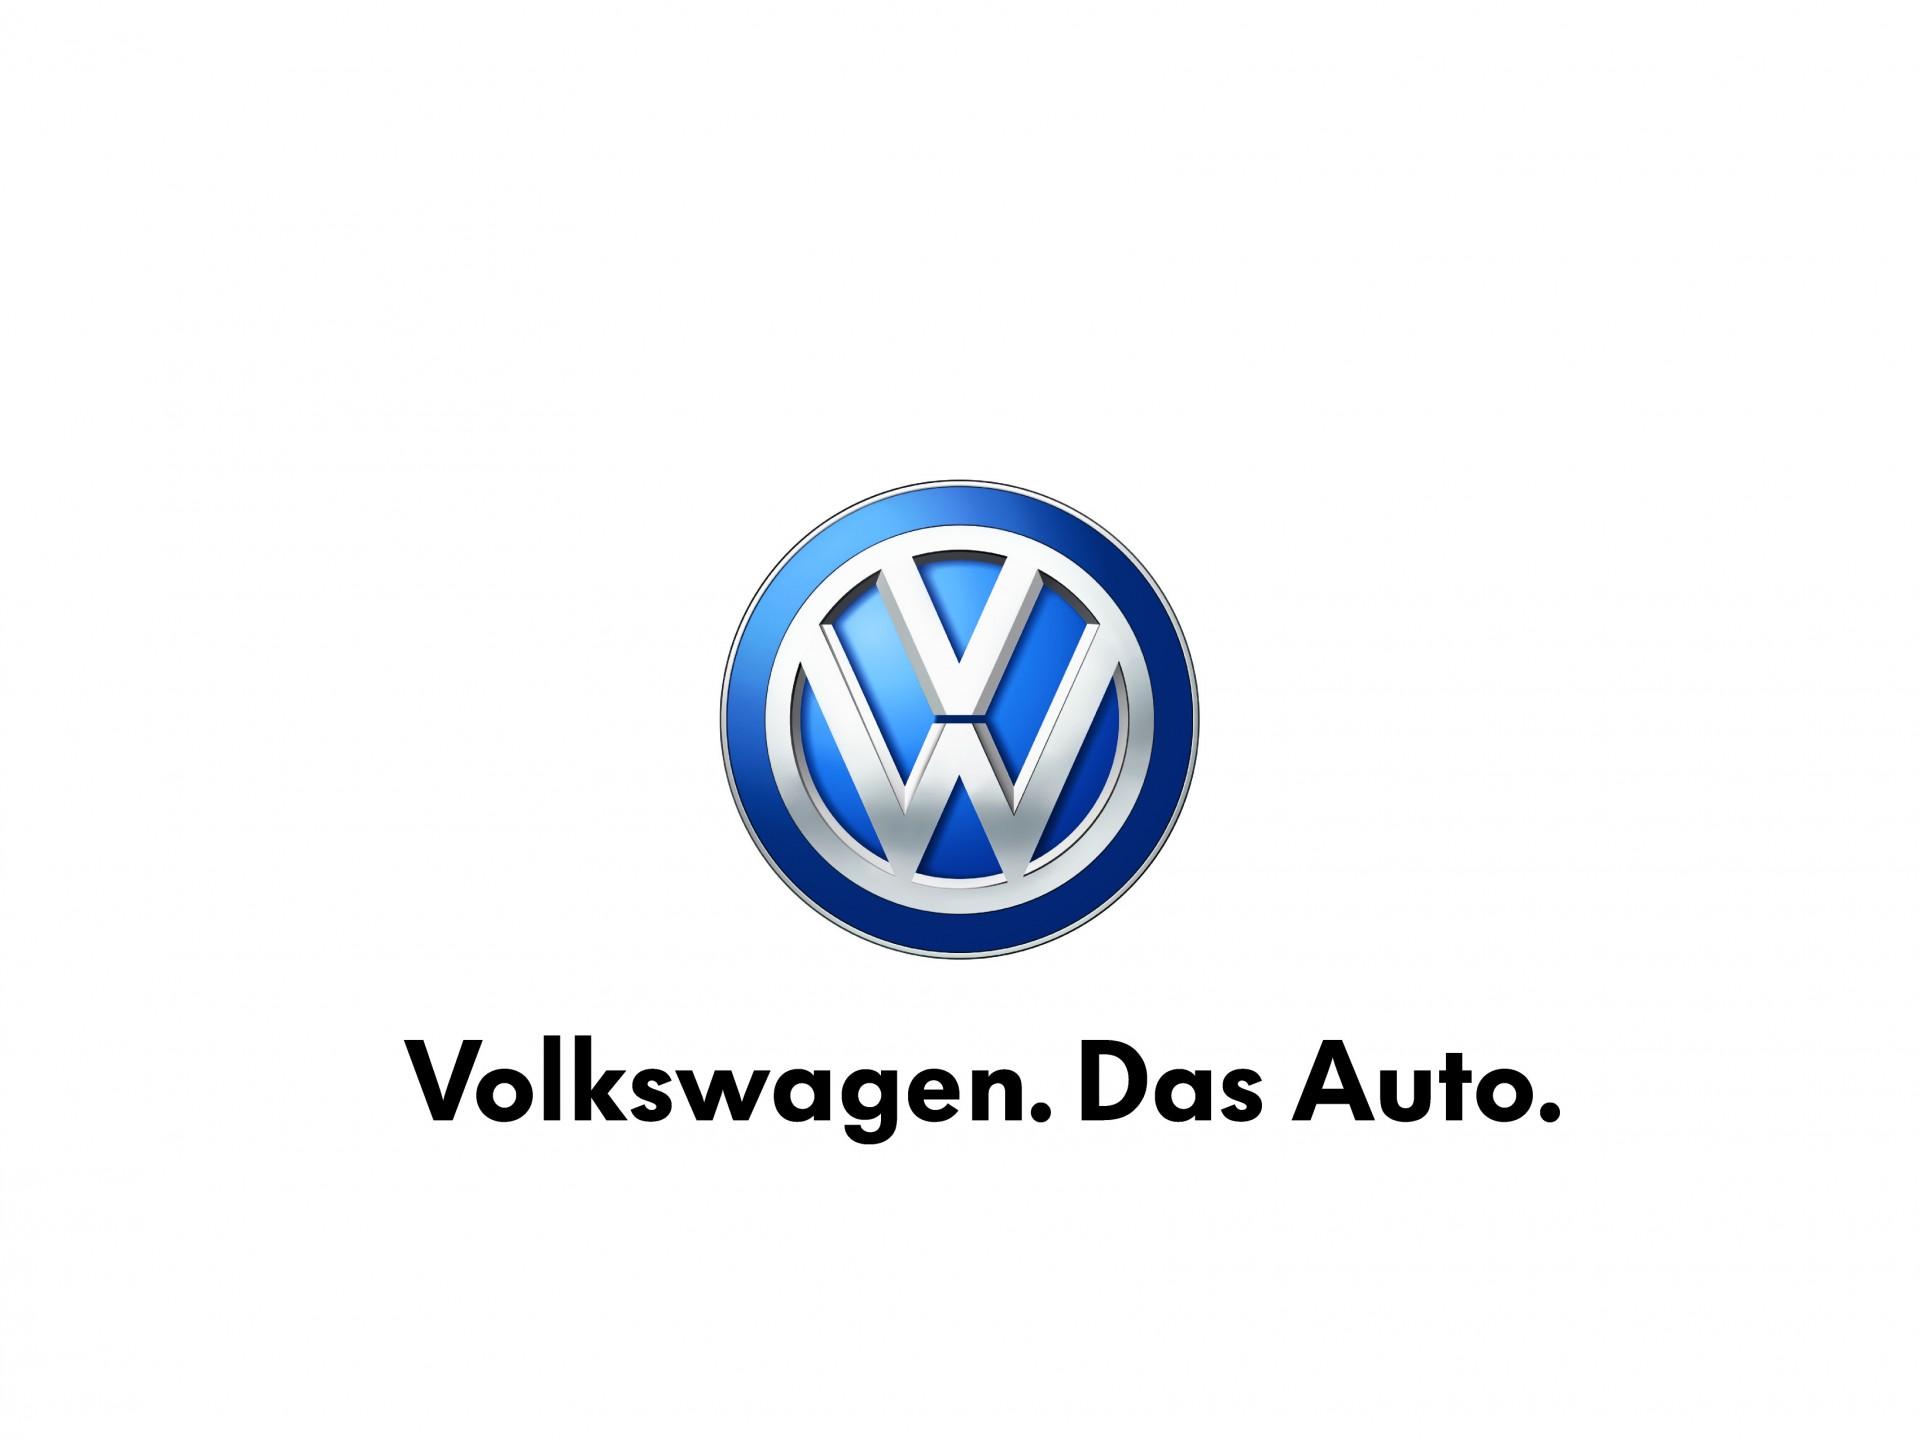 5 Hd Volkswagen Logo Wallpapers